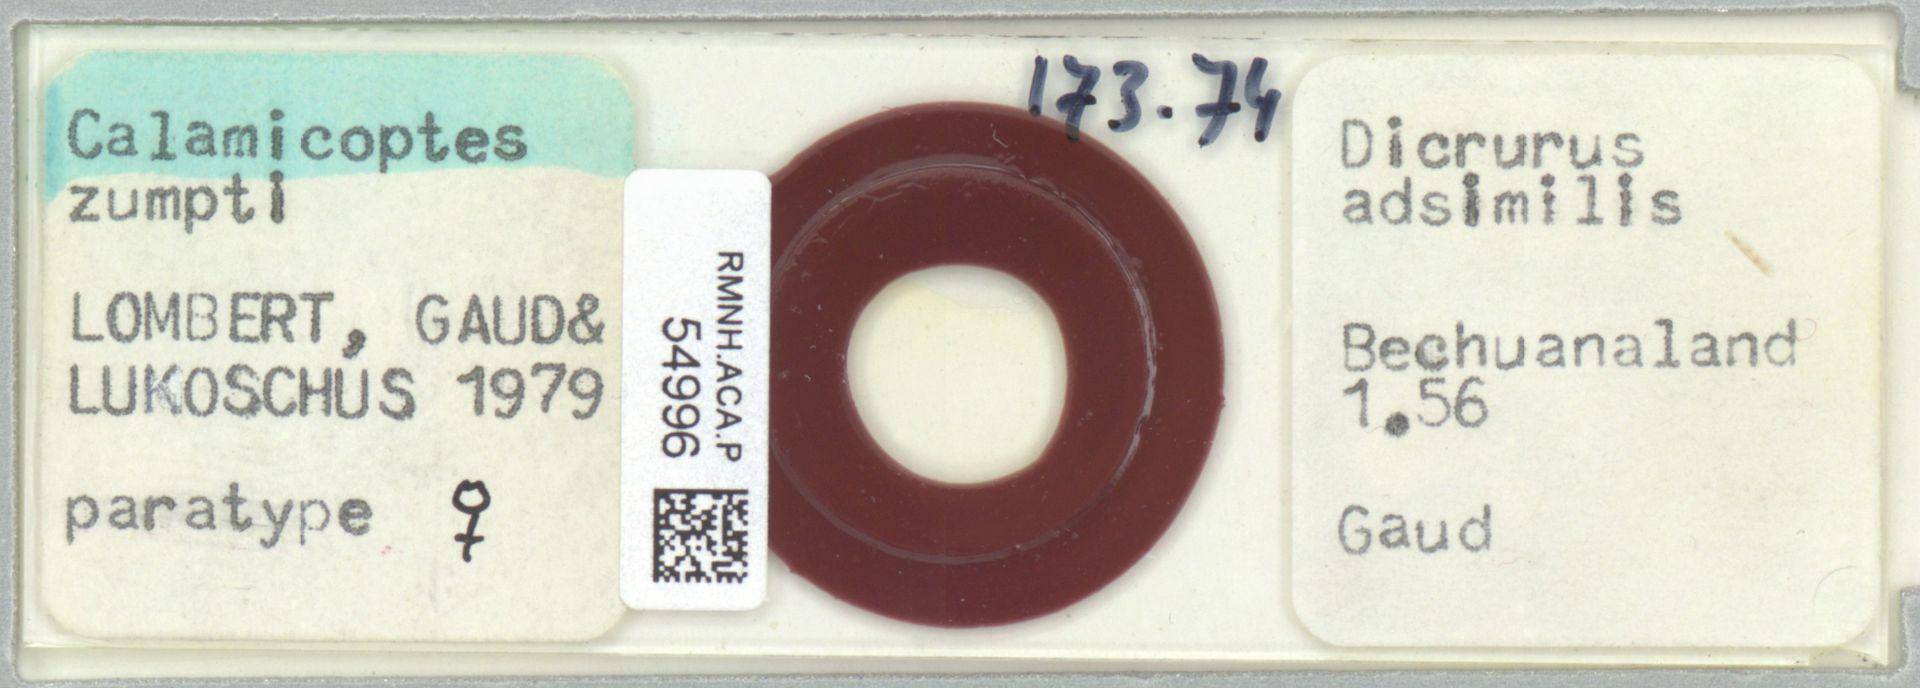 RMNH.ACA.P.54996 | Calamicoptes zumpti Lombert, Gaud & Lukoschus, 1979